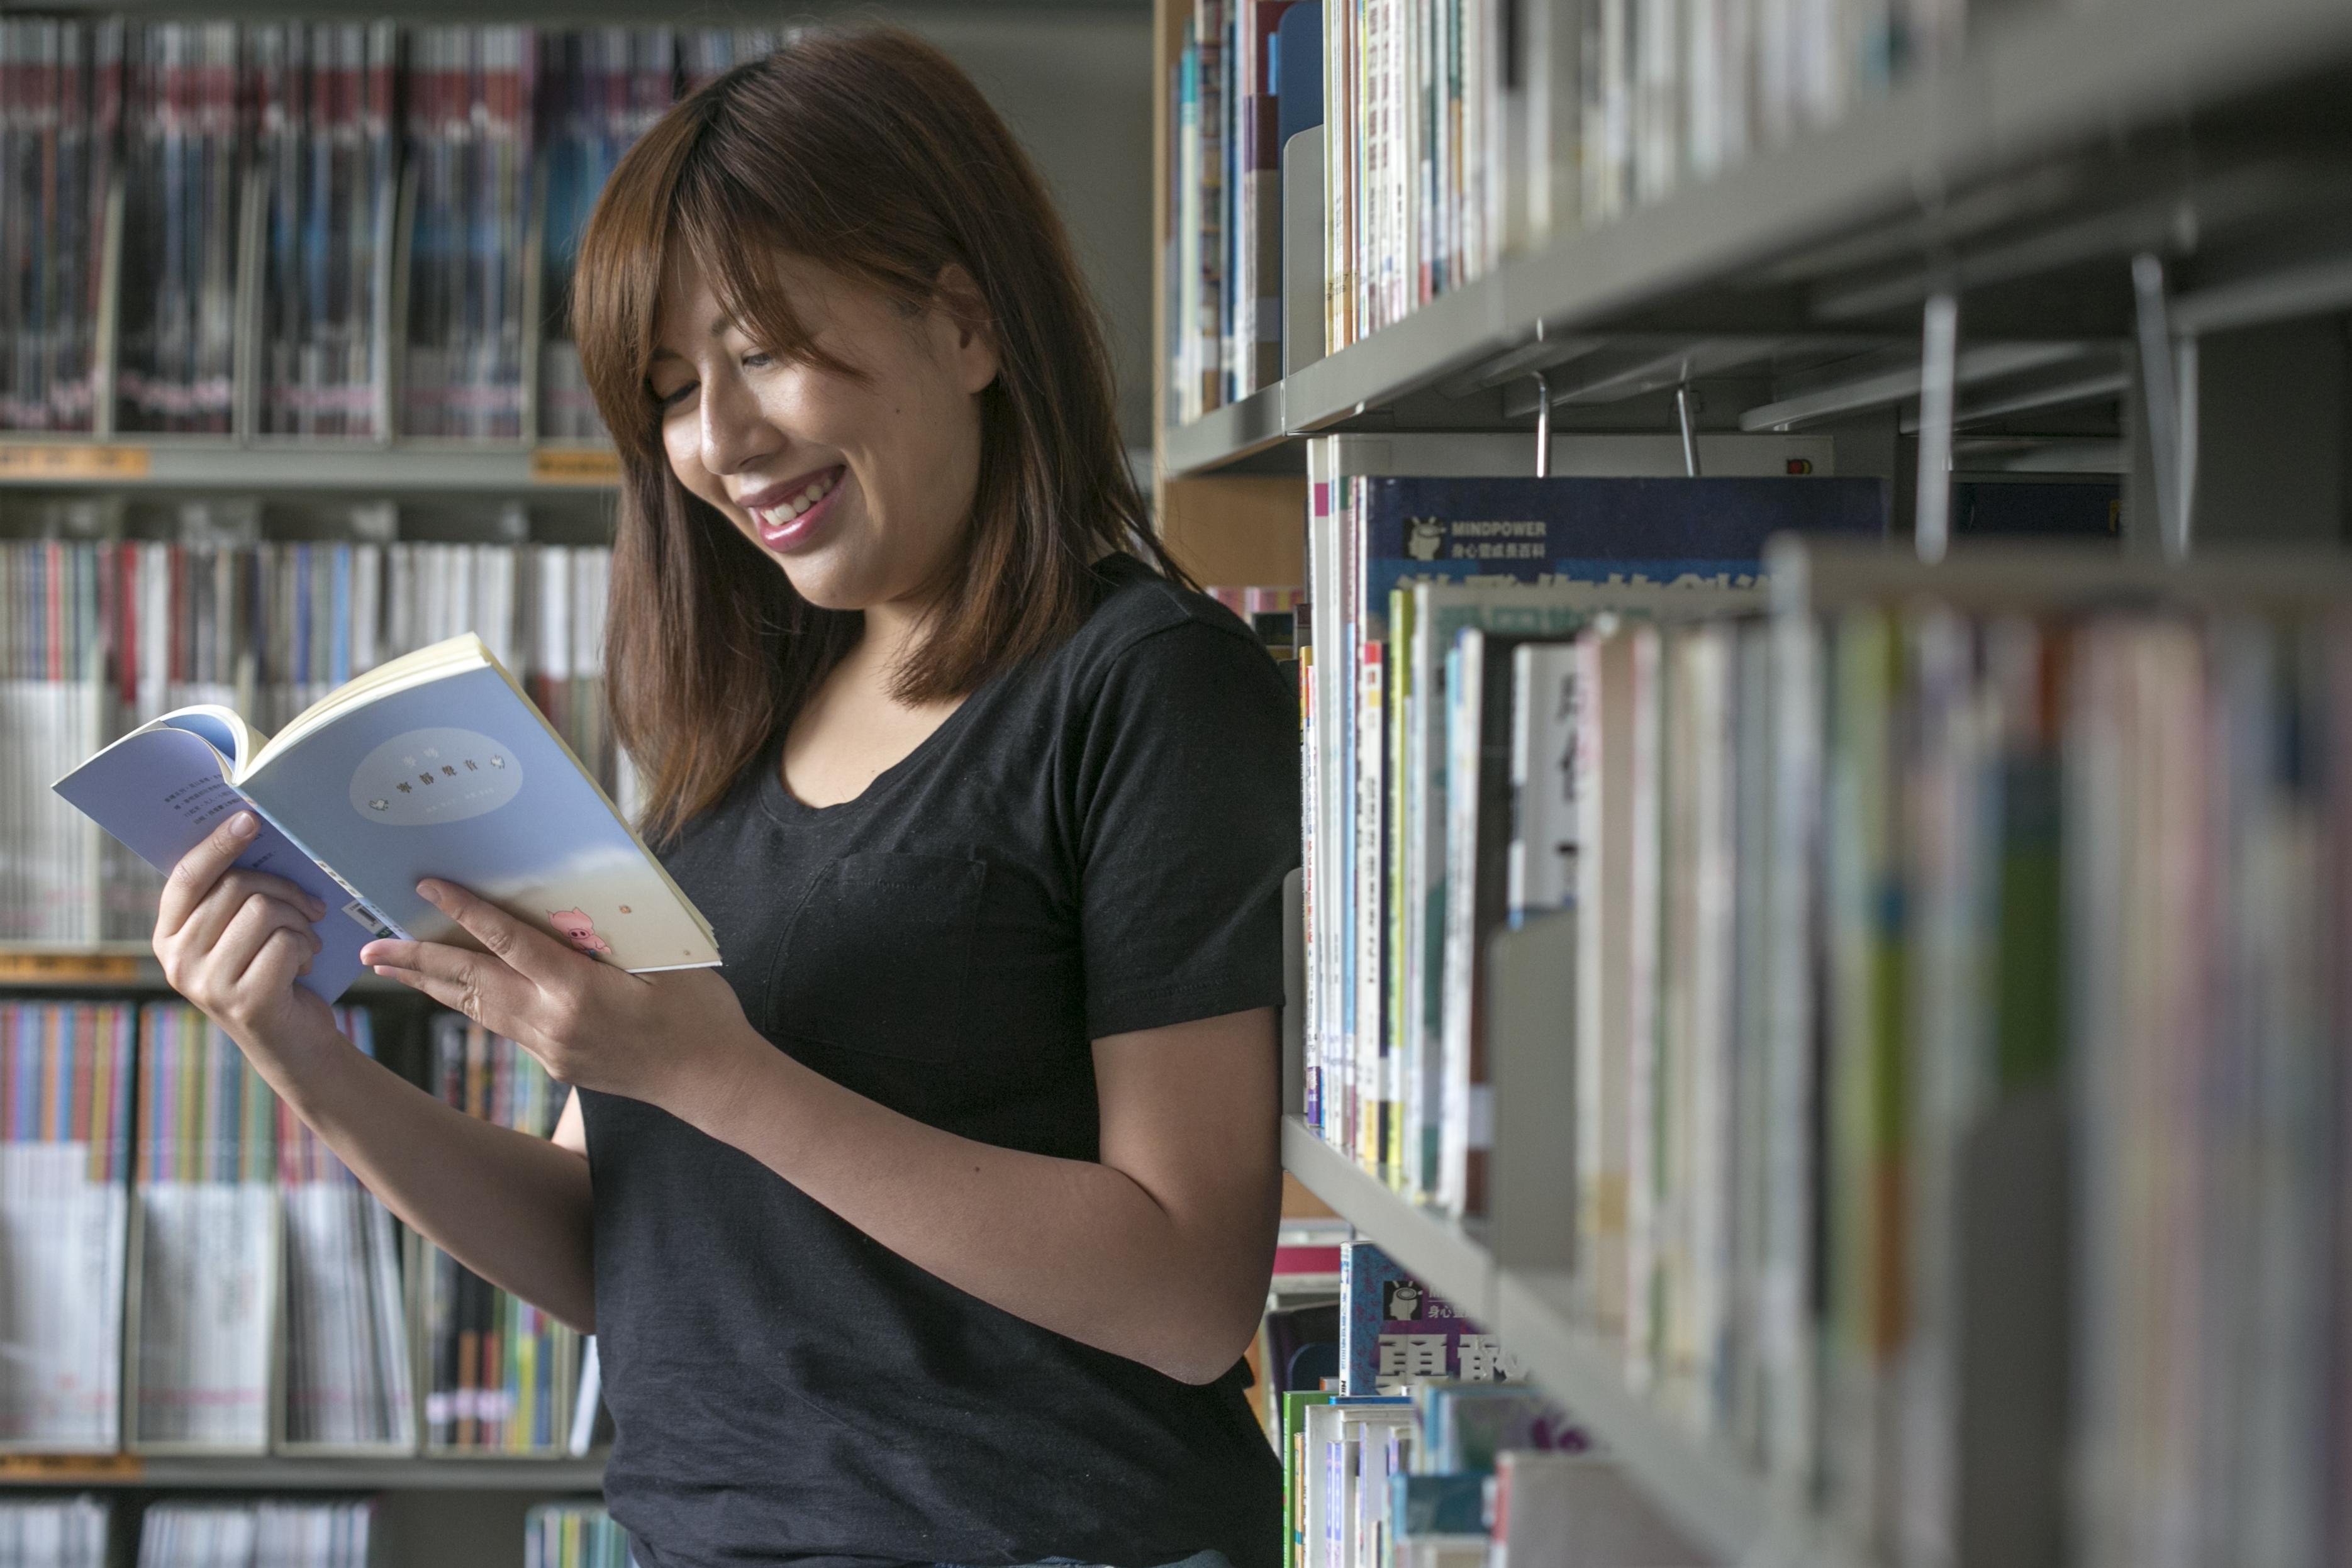 中學時代,趙曉彤每天到學校圖書館借書,一天讀完一本。